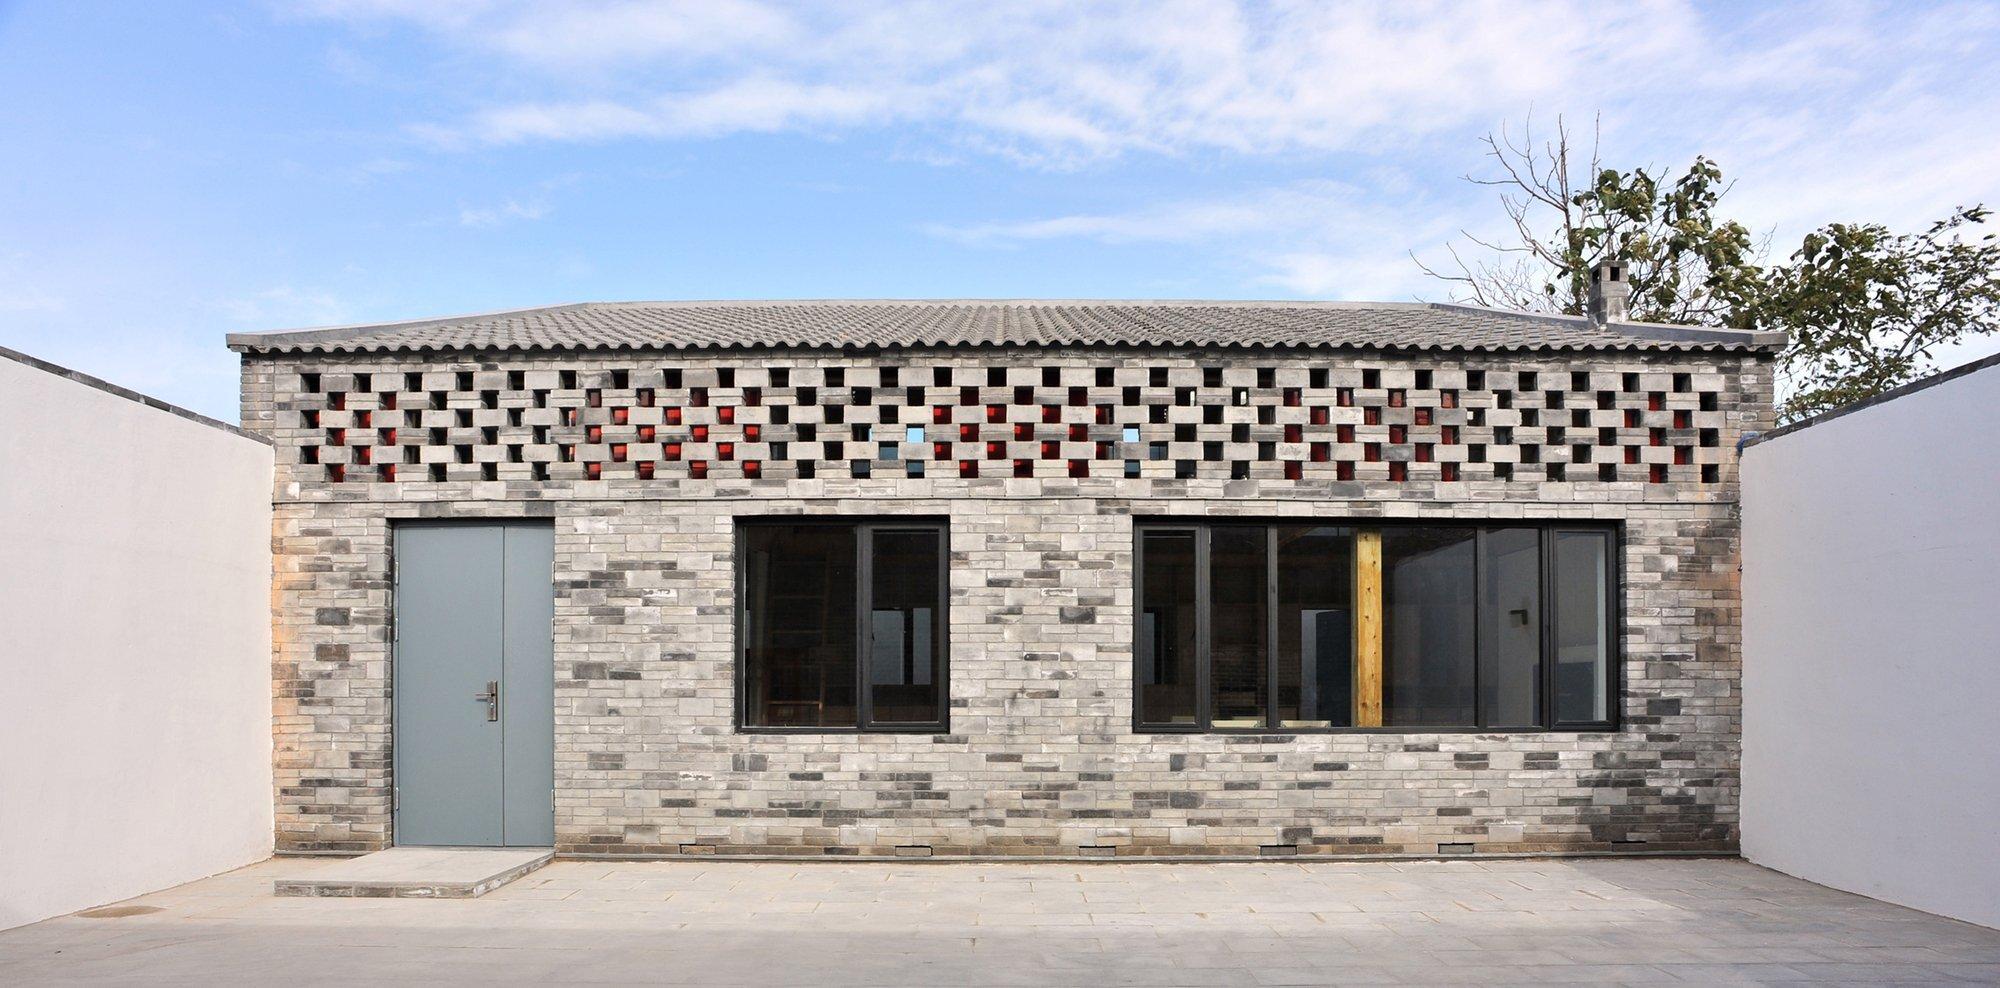 Ban House - Small House - Zhang Dongguang & Liu Wenjuan - Shaanxi China - Exterior - Humble Homes